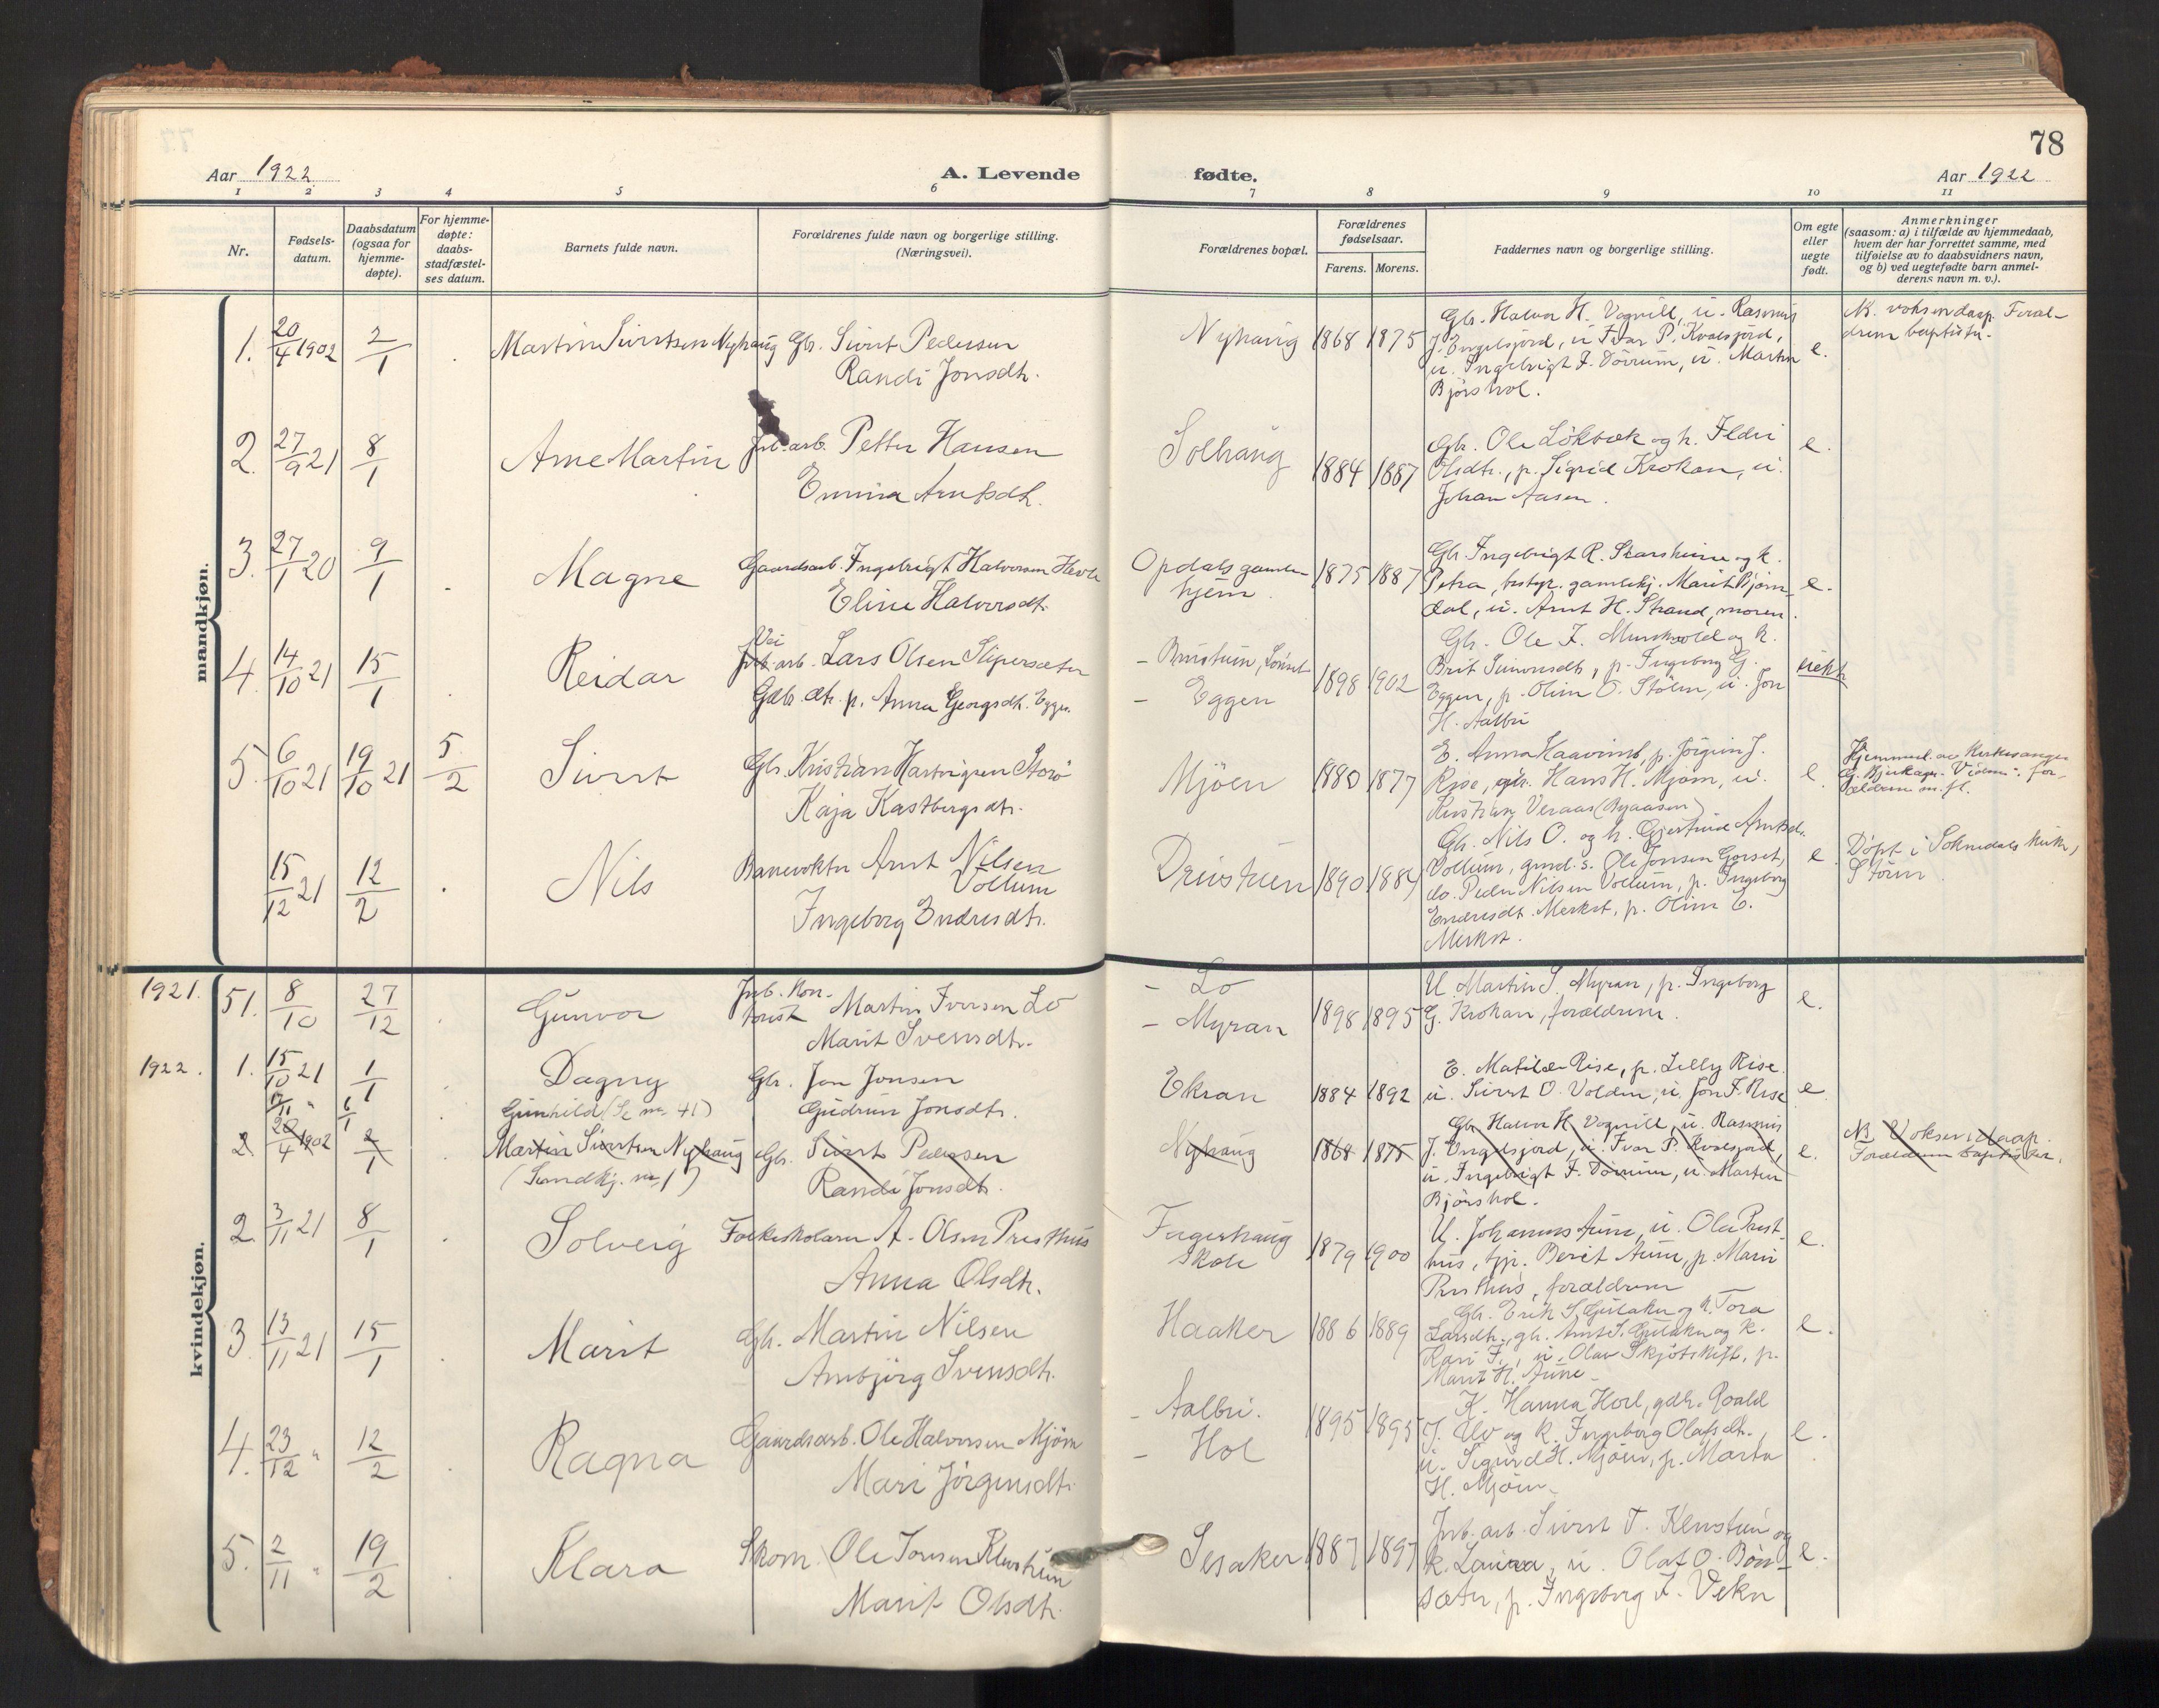 SAT, Ministerialprotokoller, klokkerbøker og fødselsregistre - Sør-Trøndelag, 678/L0909: Ministerialbok nr. 678A17, 1912-1930, s. 78